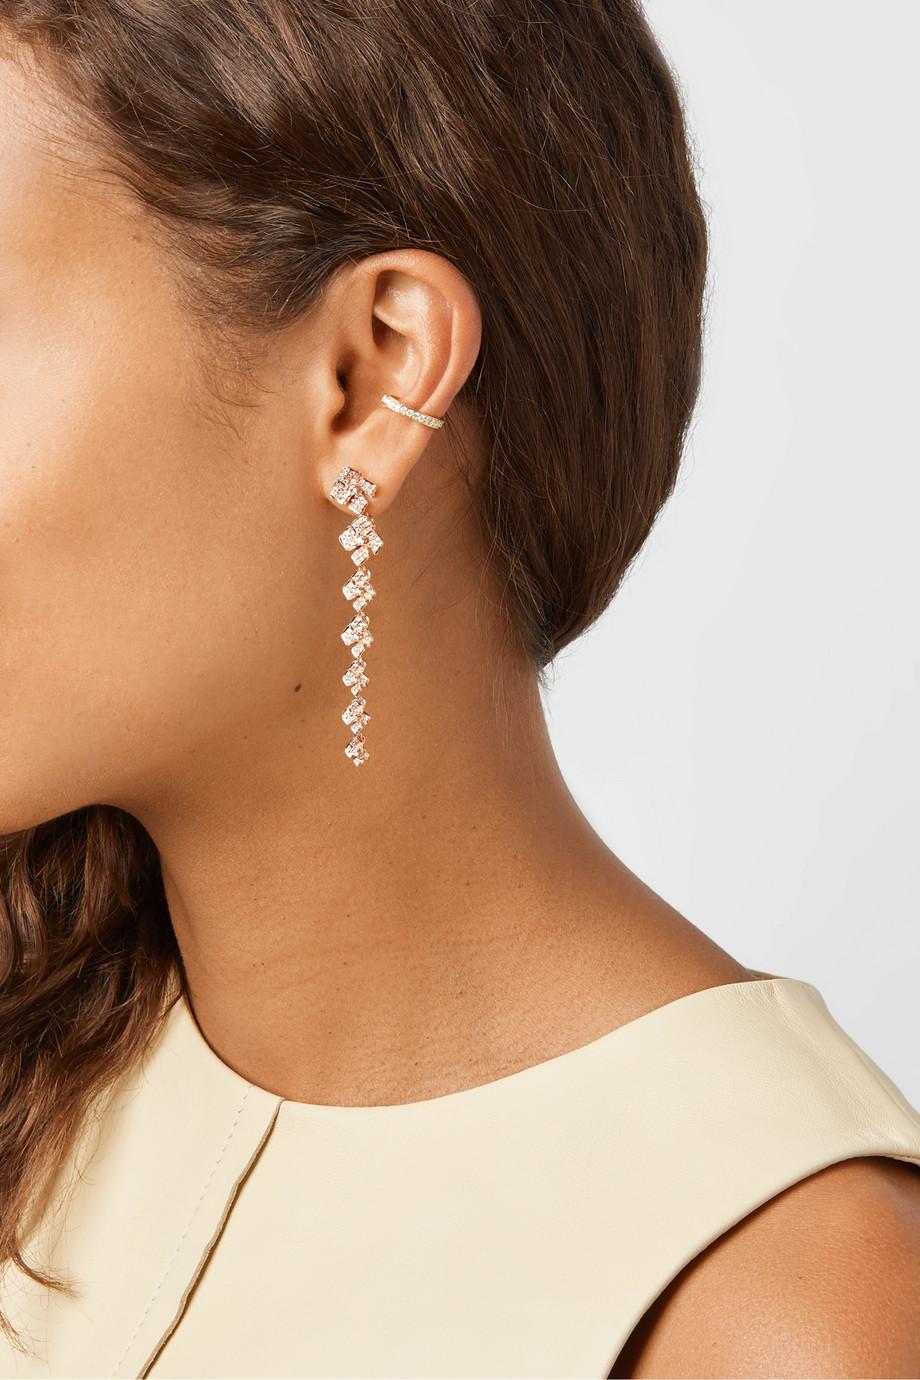 Anita Ko Boucles d'oreilles en or rose 18carats et diamants